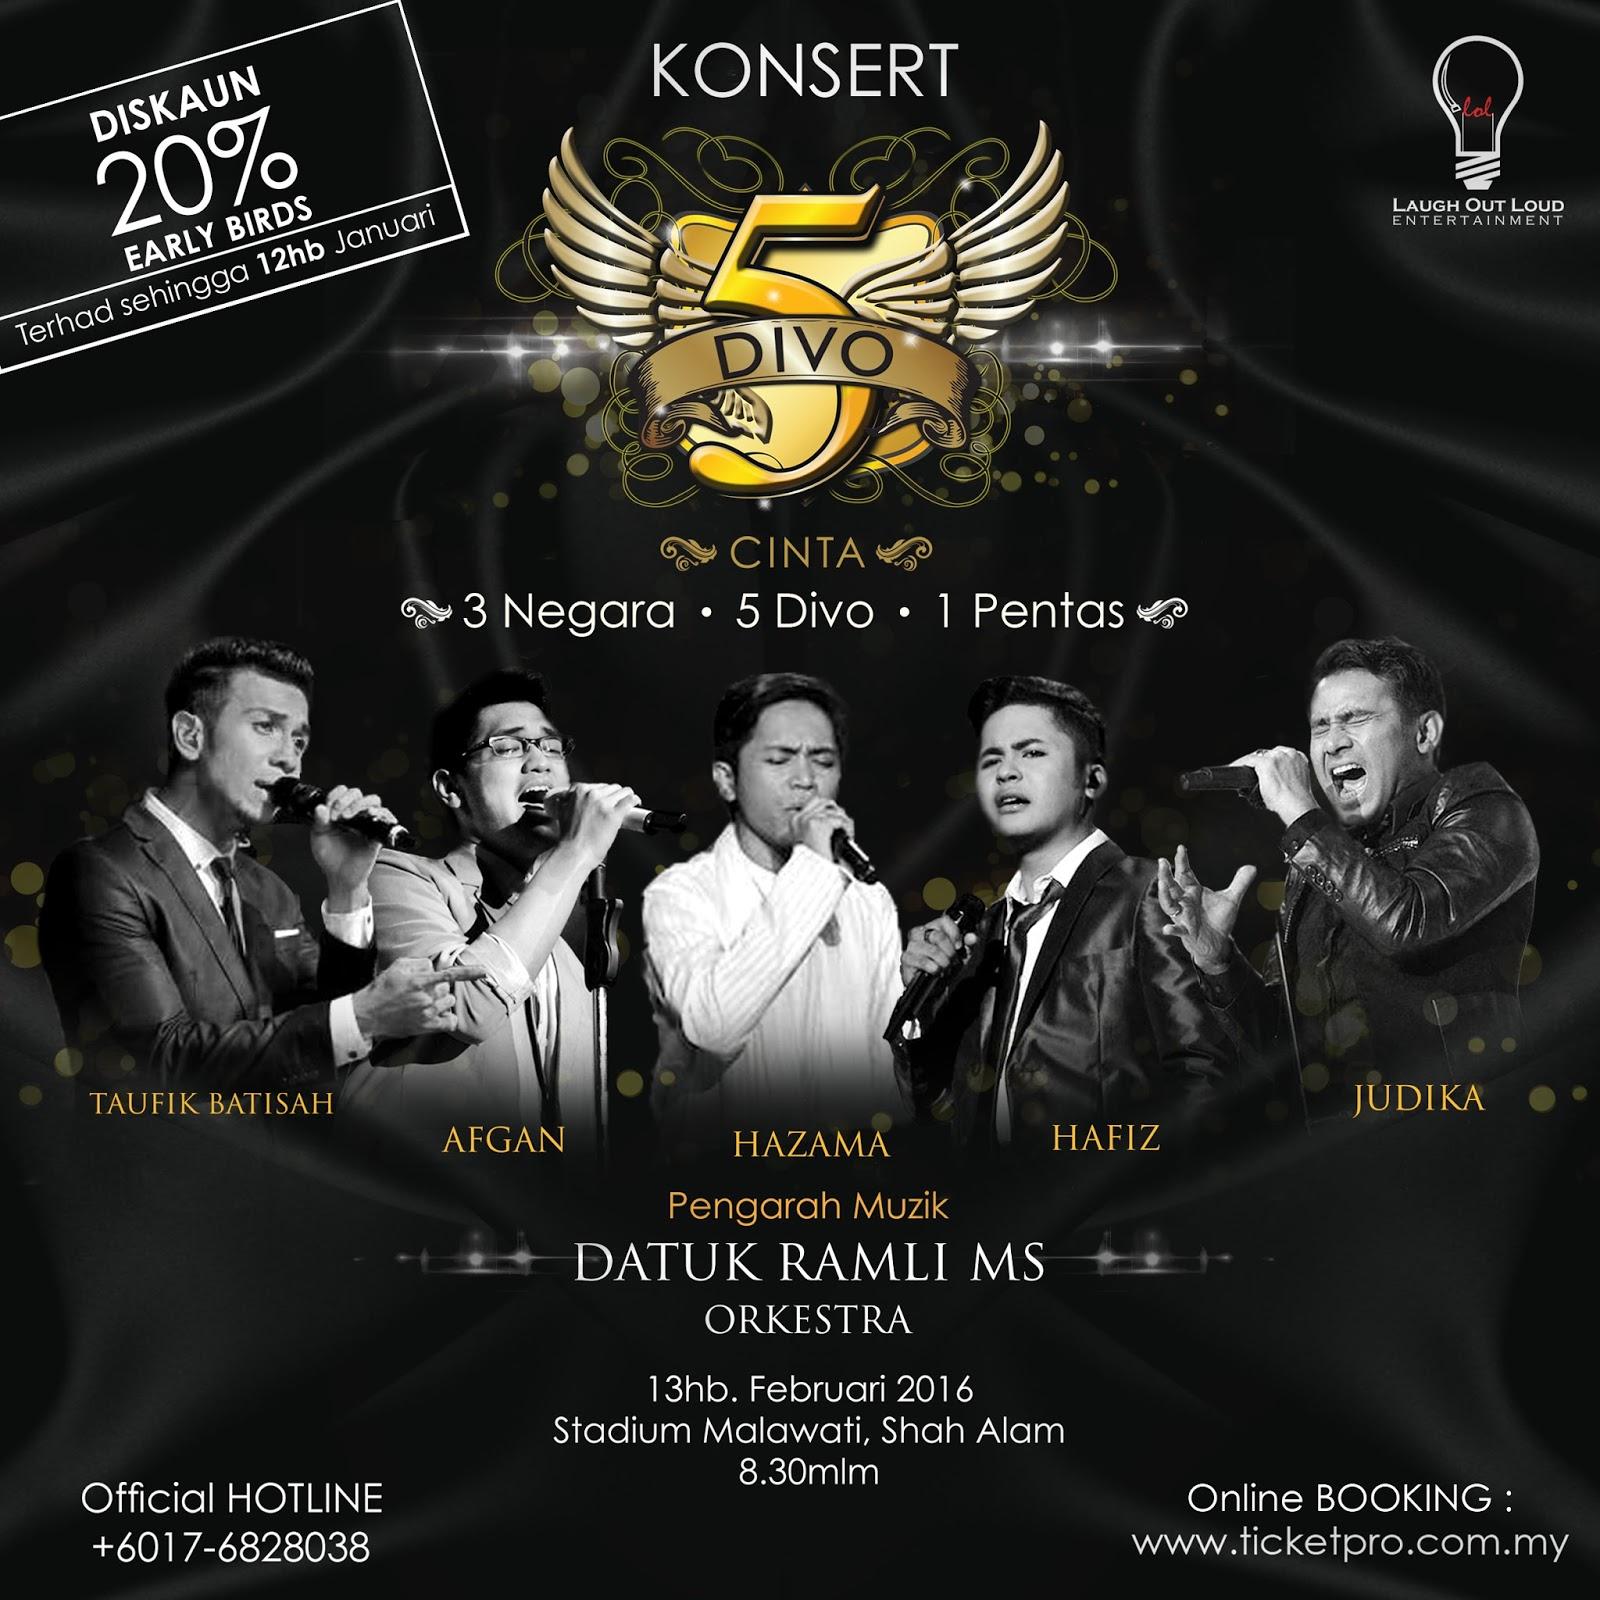 konsert 2018